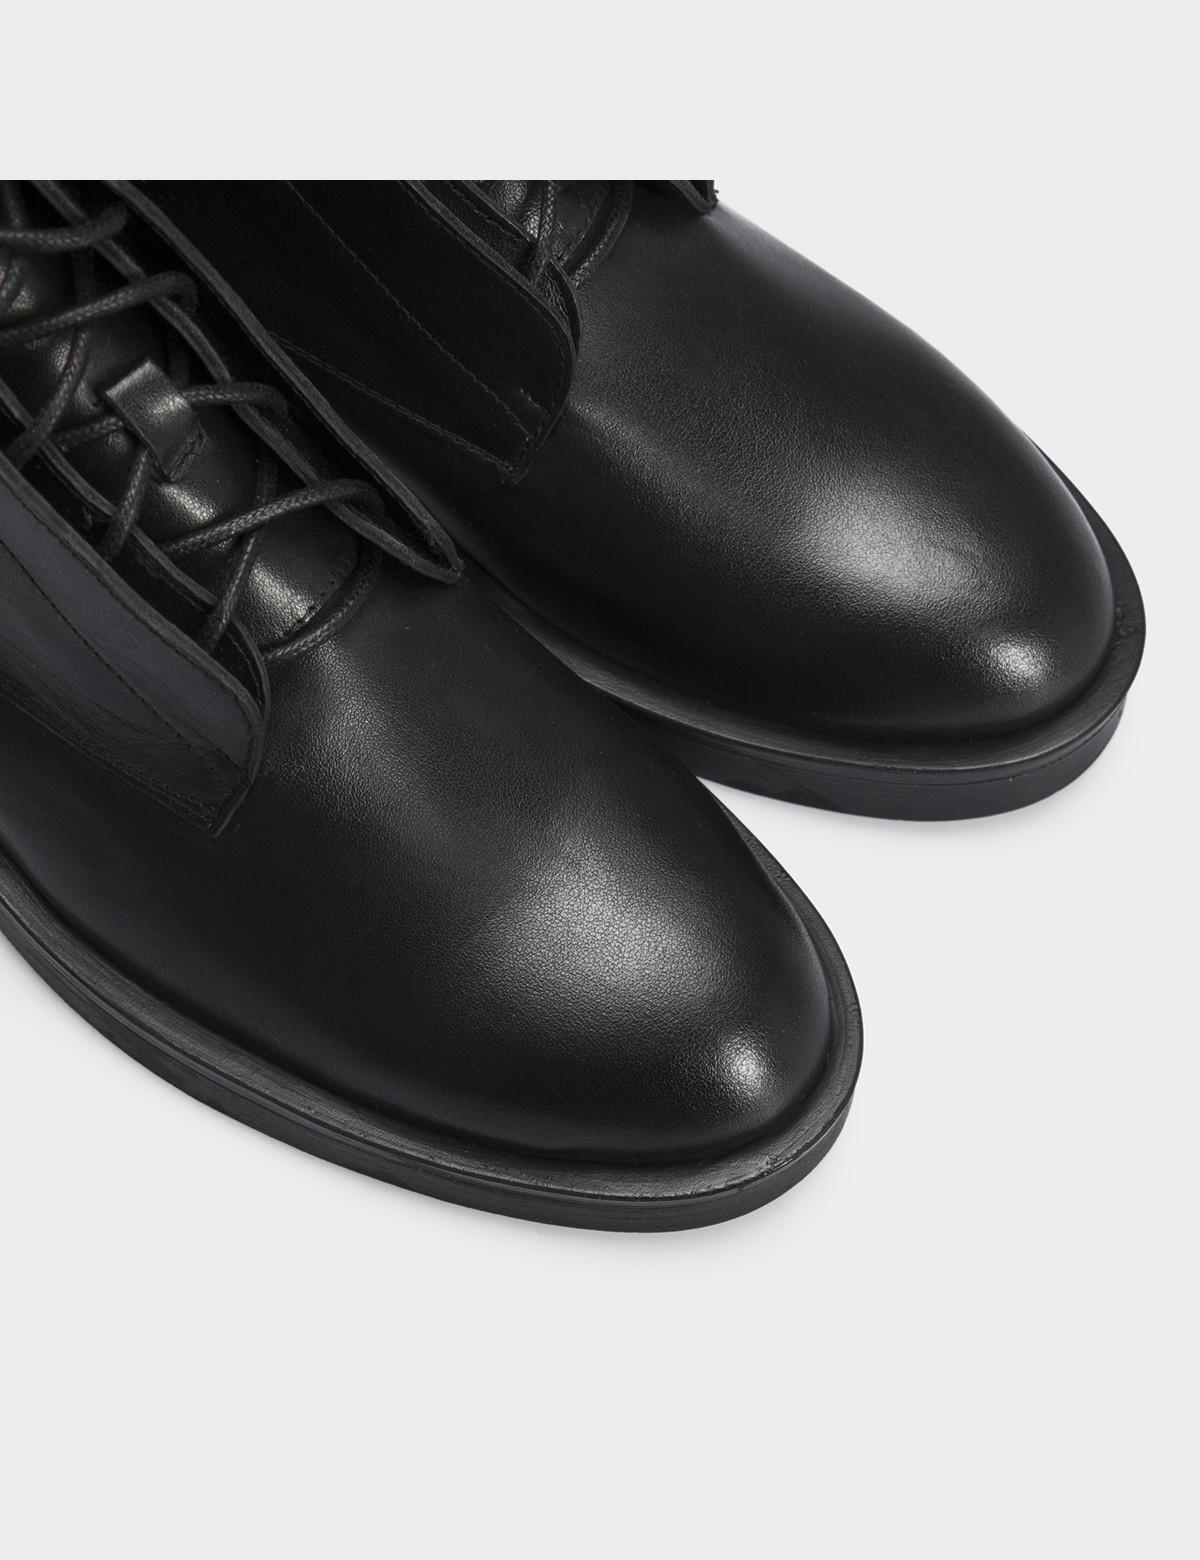 Ботинки черные натуральная кожа. Шерсть 4